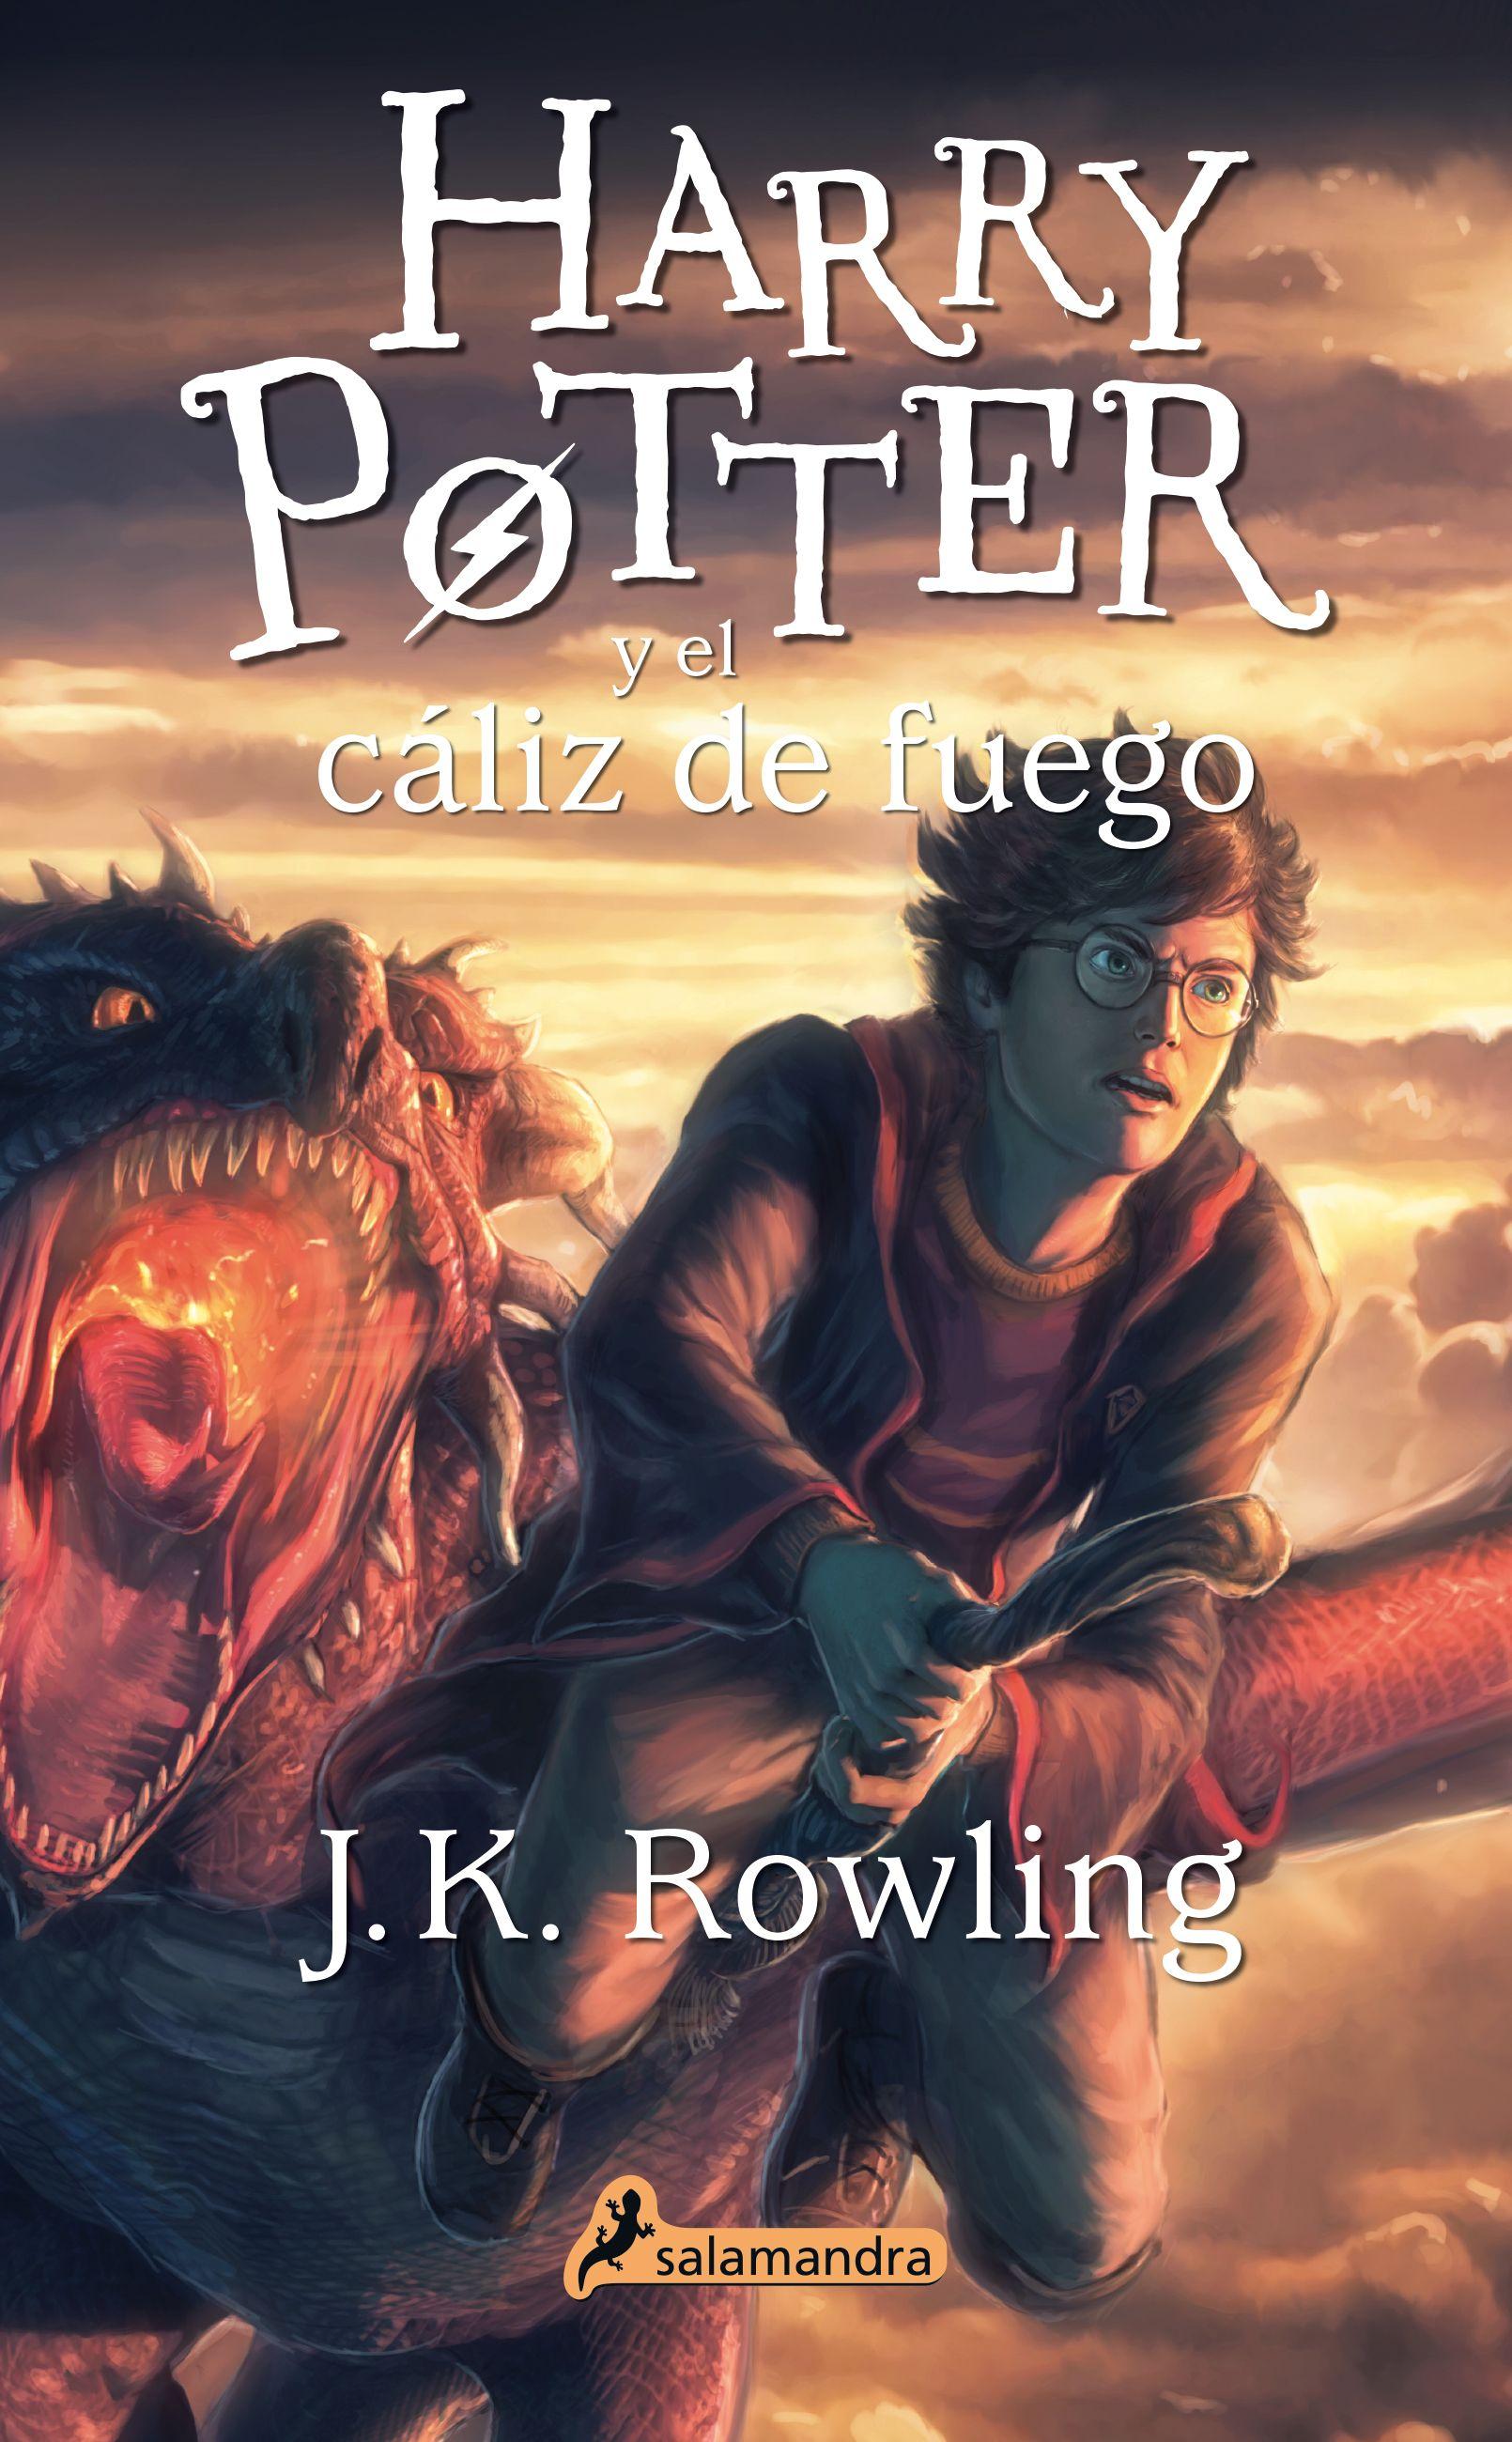 Harry Potter Y El Caliz De Fuego I J K Rowling I Salamandra Harry Potter Engracado Harry Potter Rowling Capas De Livros Harry Potter